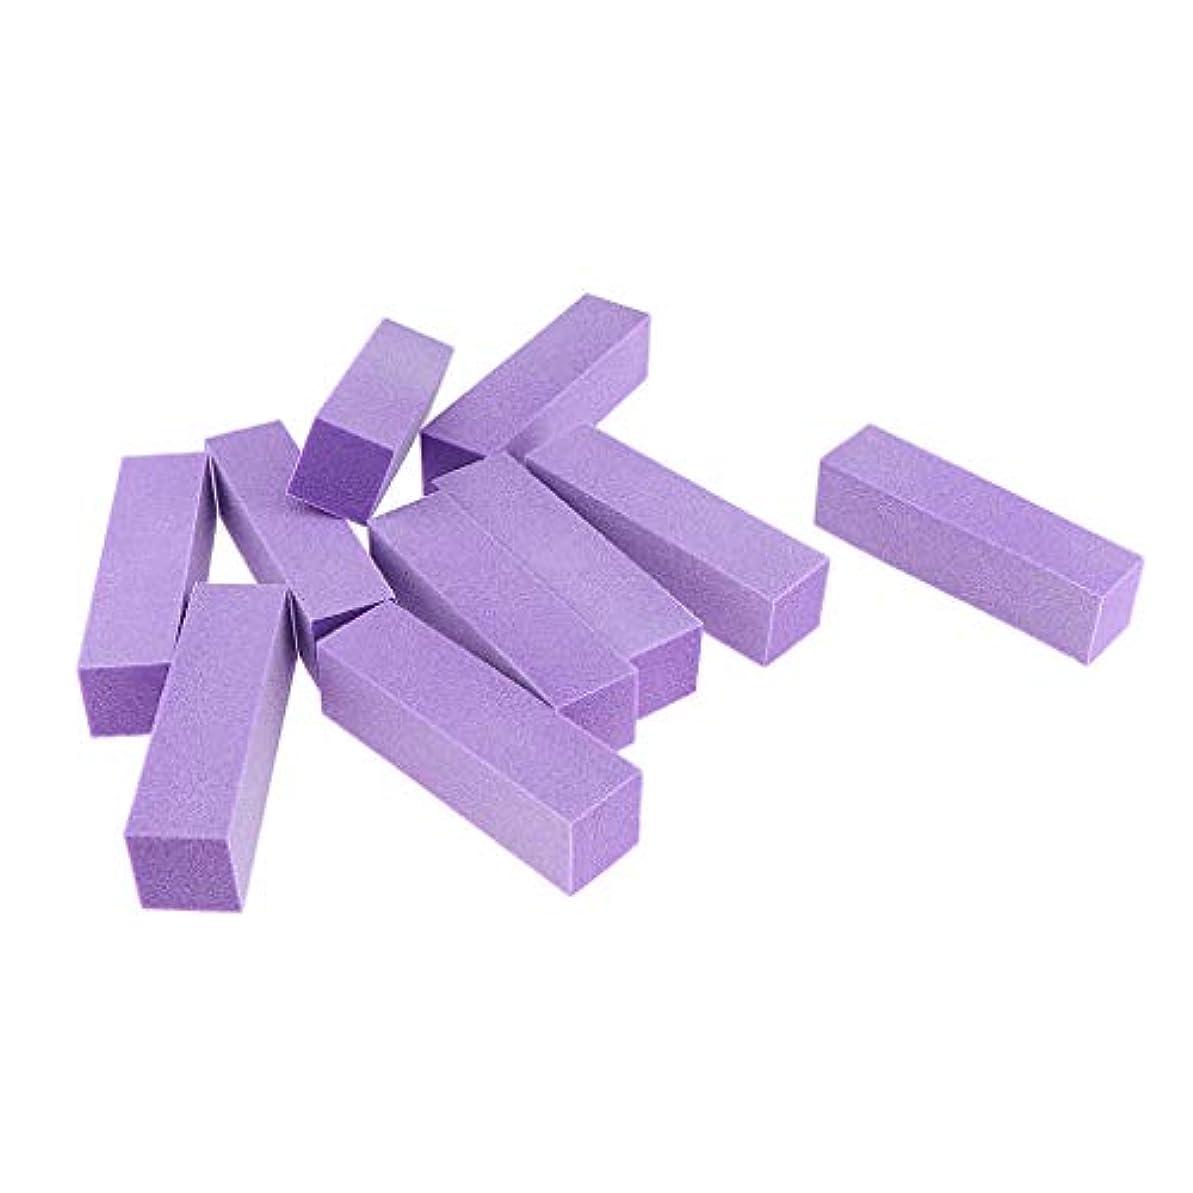 詐欺師膨らみ立法IPOTCH 10個 ネイルアート バッファーファイルブロック マニキュア 6色選べ - 紫